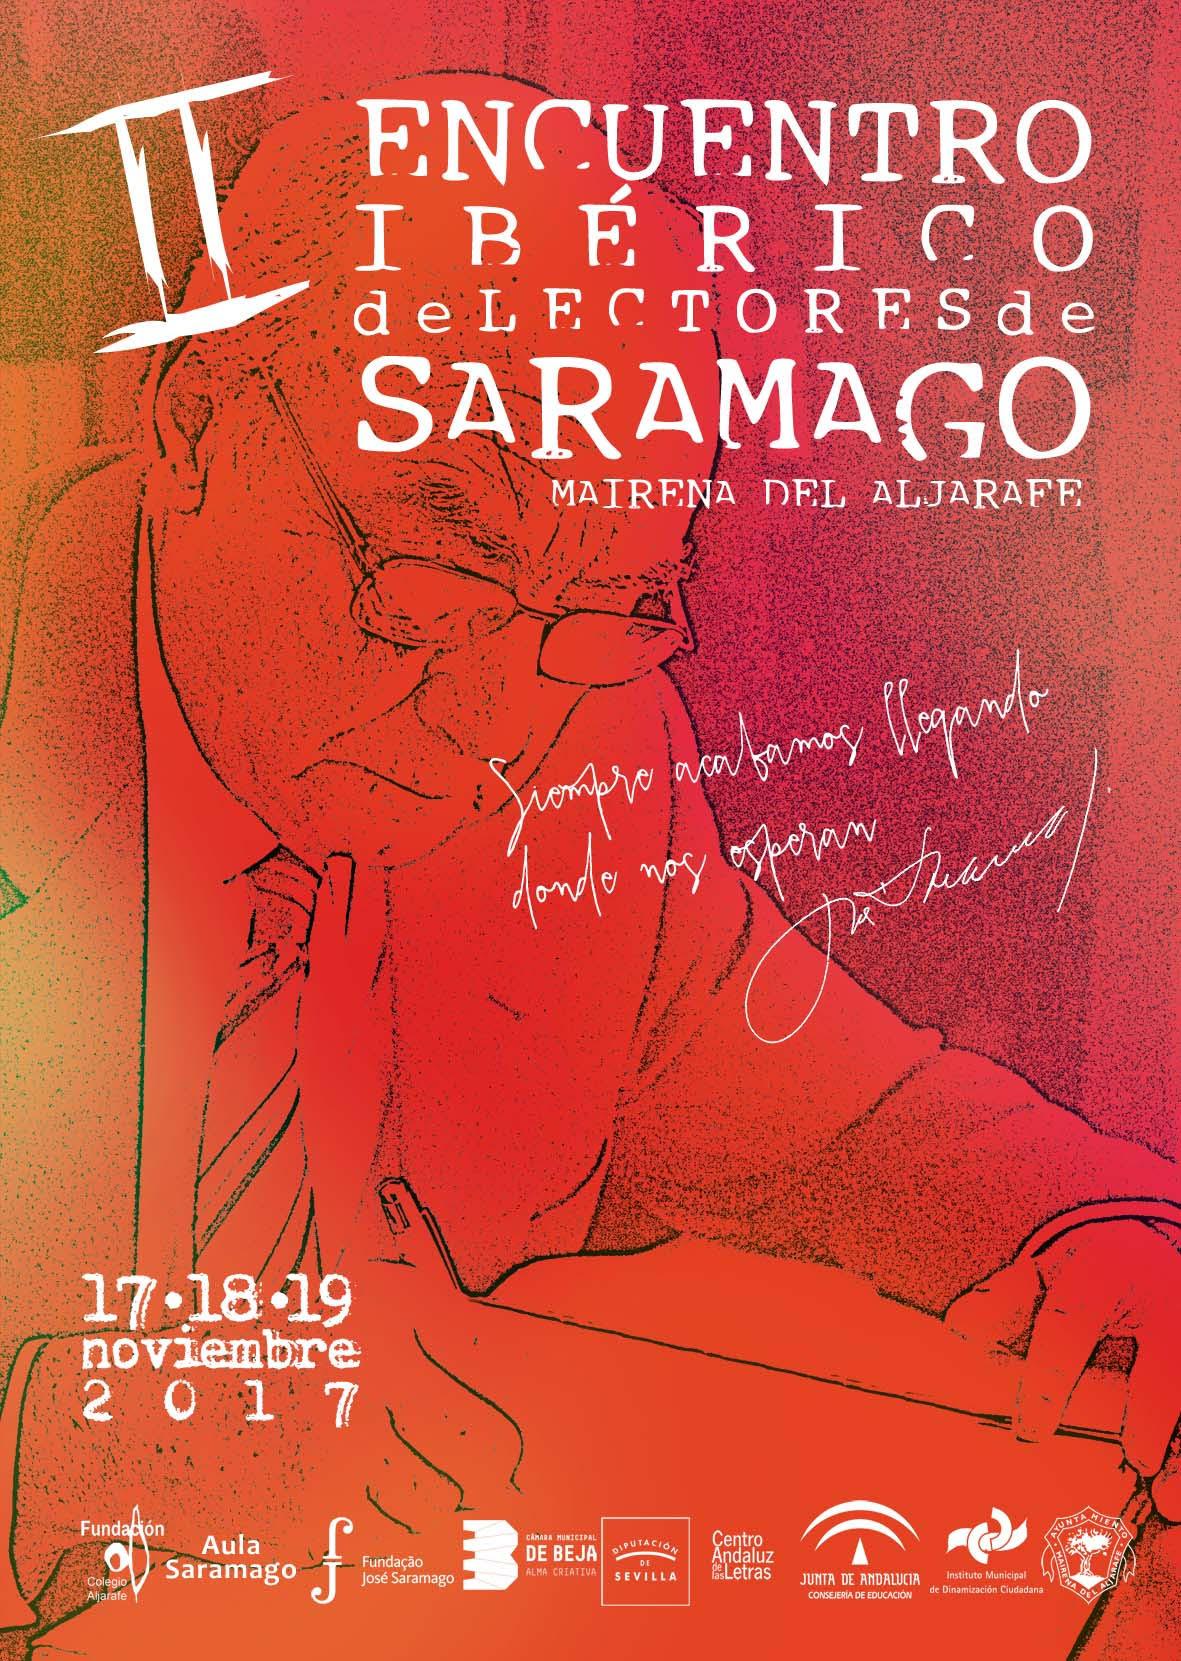 II Encuentro ibérico de lectores de Saramago